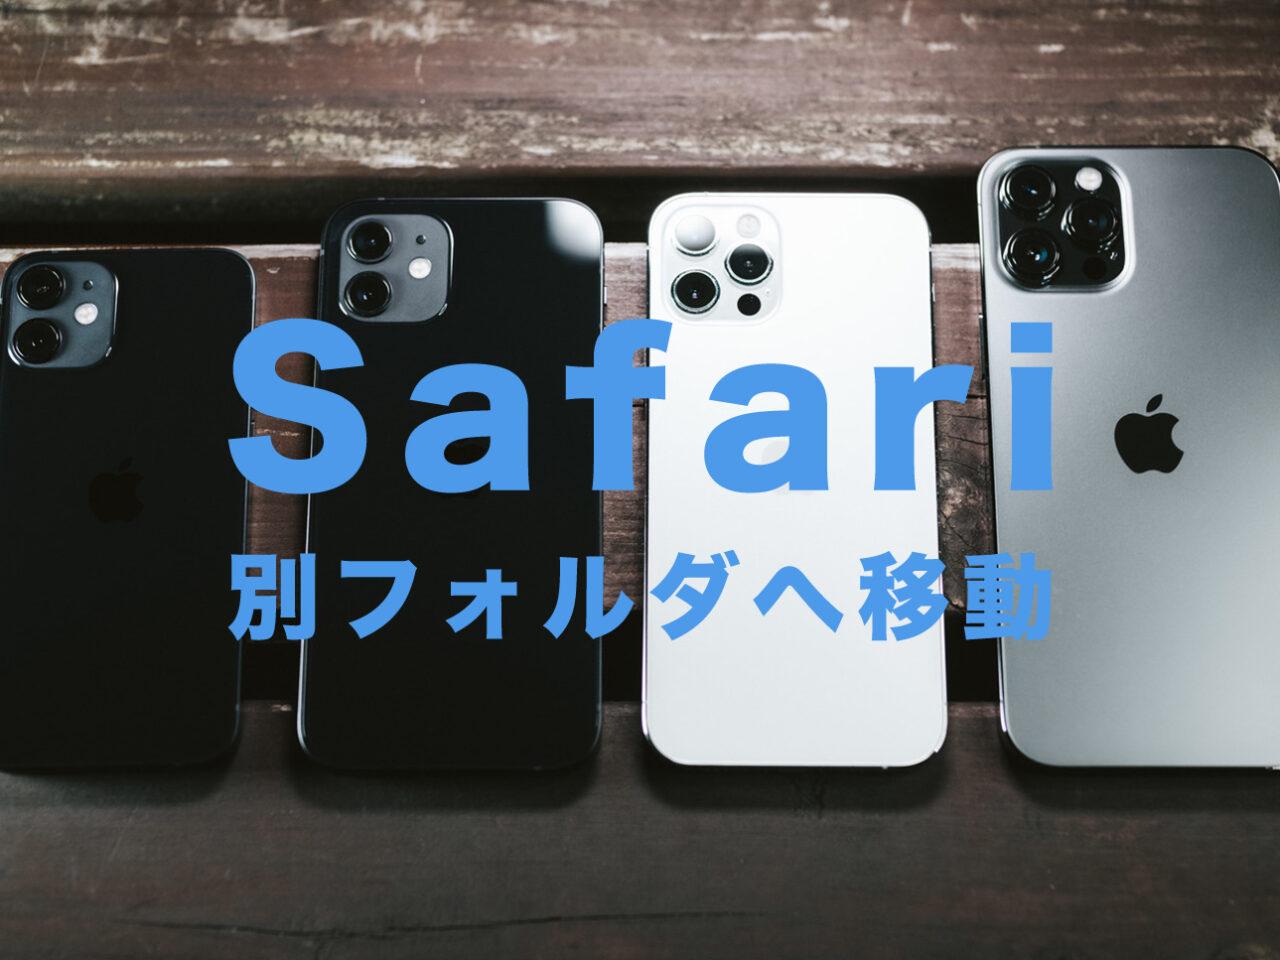 iPhoneのSafariのブックマークを別のフォルダに移動&整理する方法は?のサムネイル画像